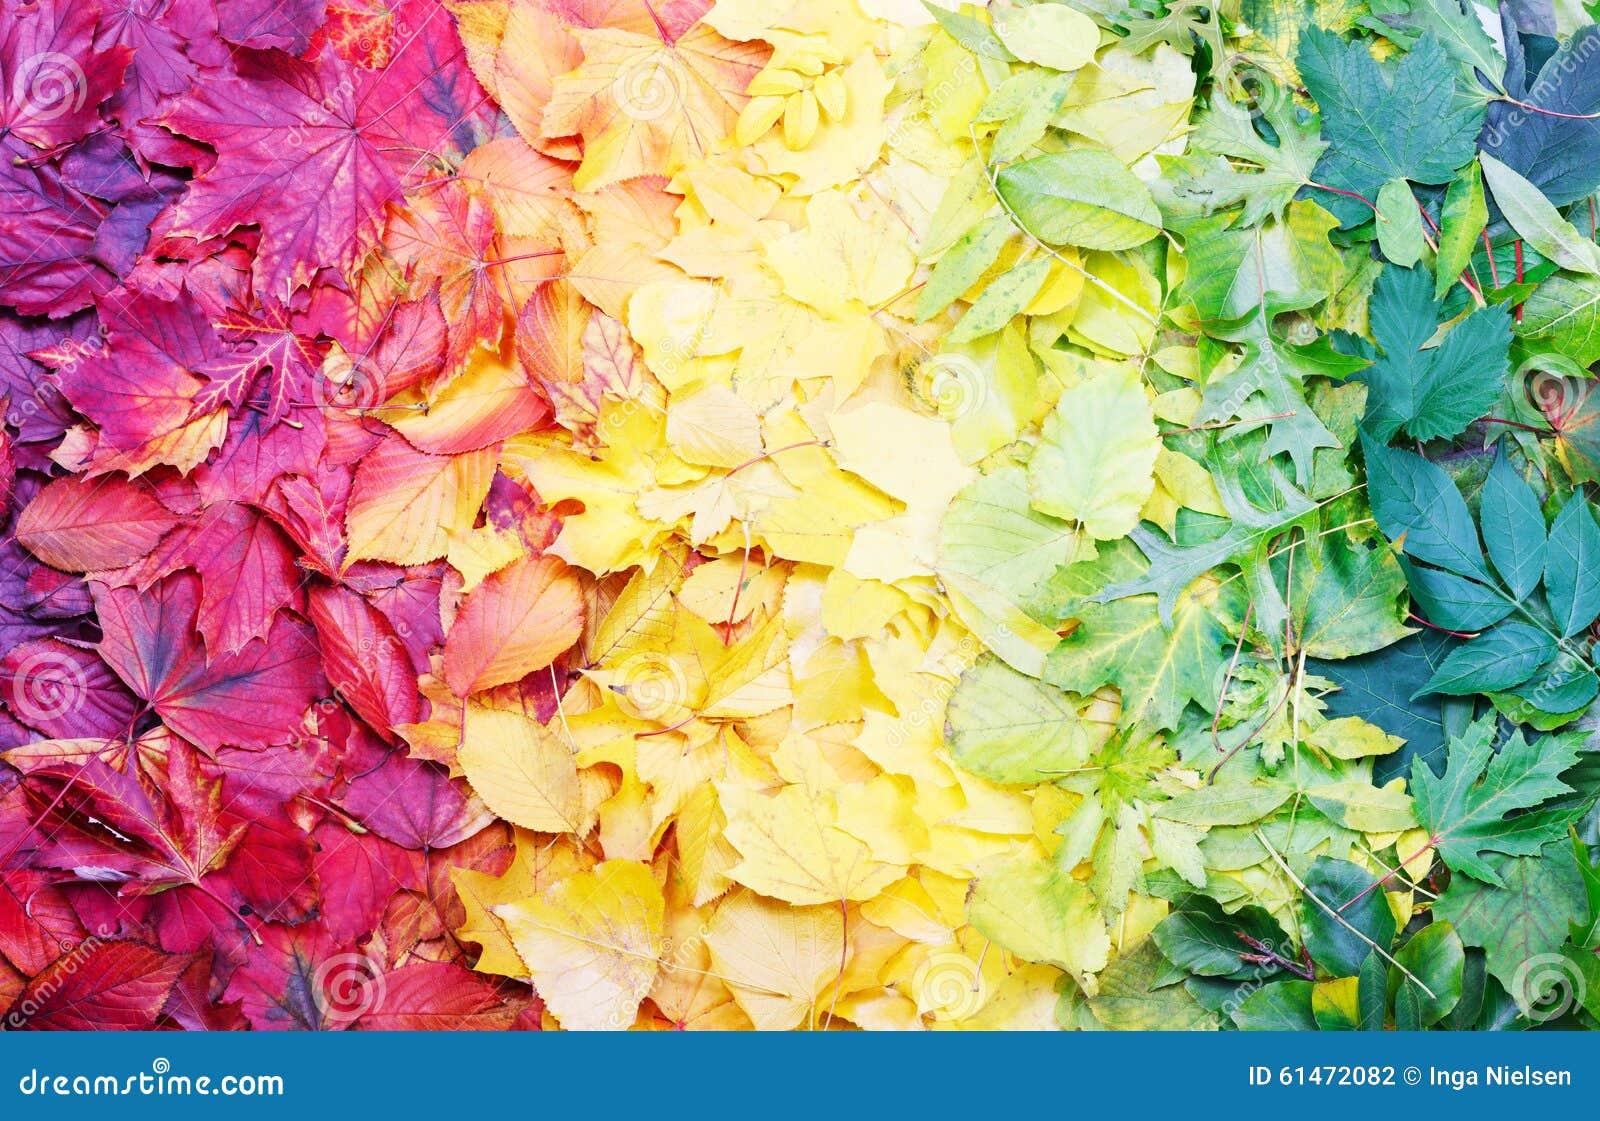 Nature Color Palette Autumn Leaves